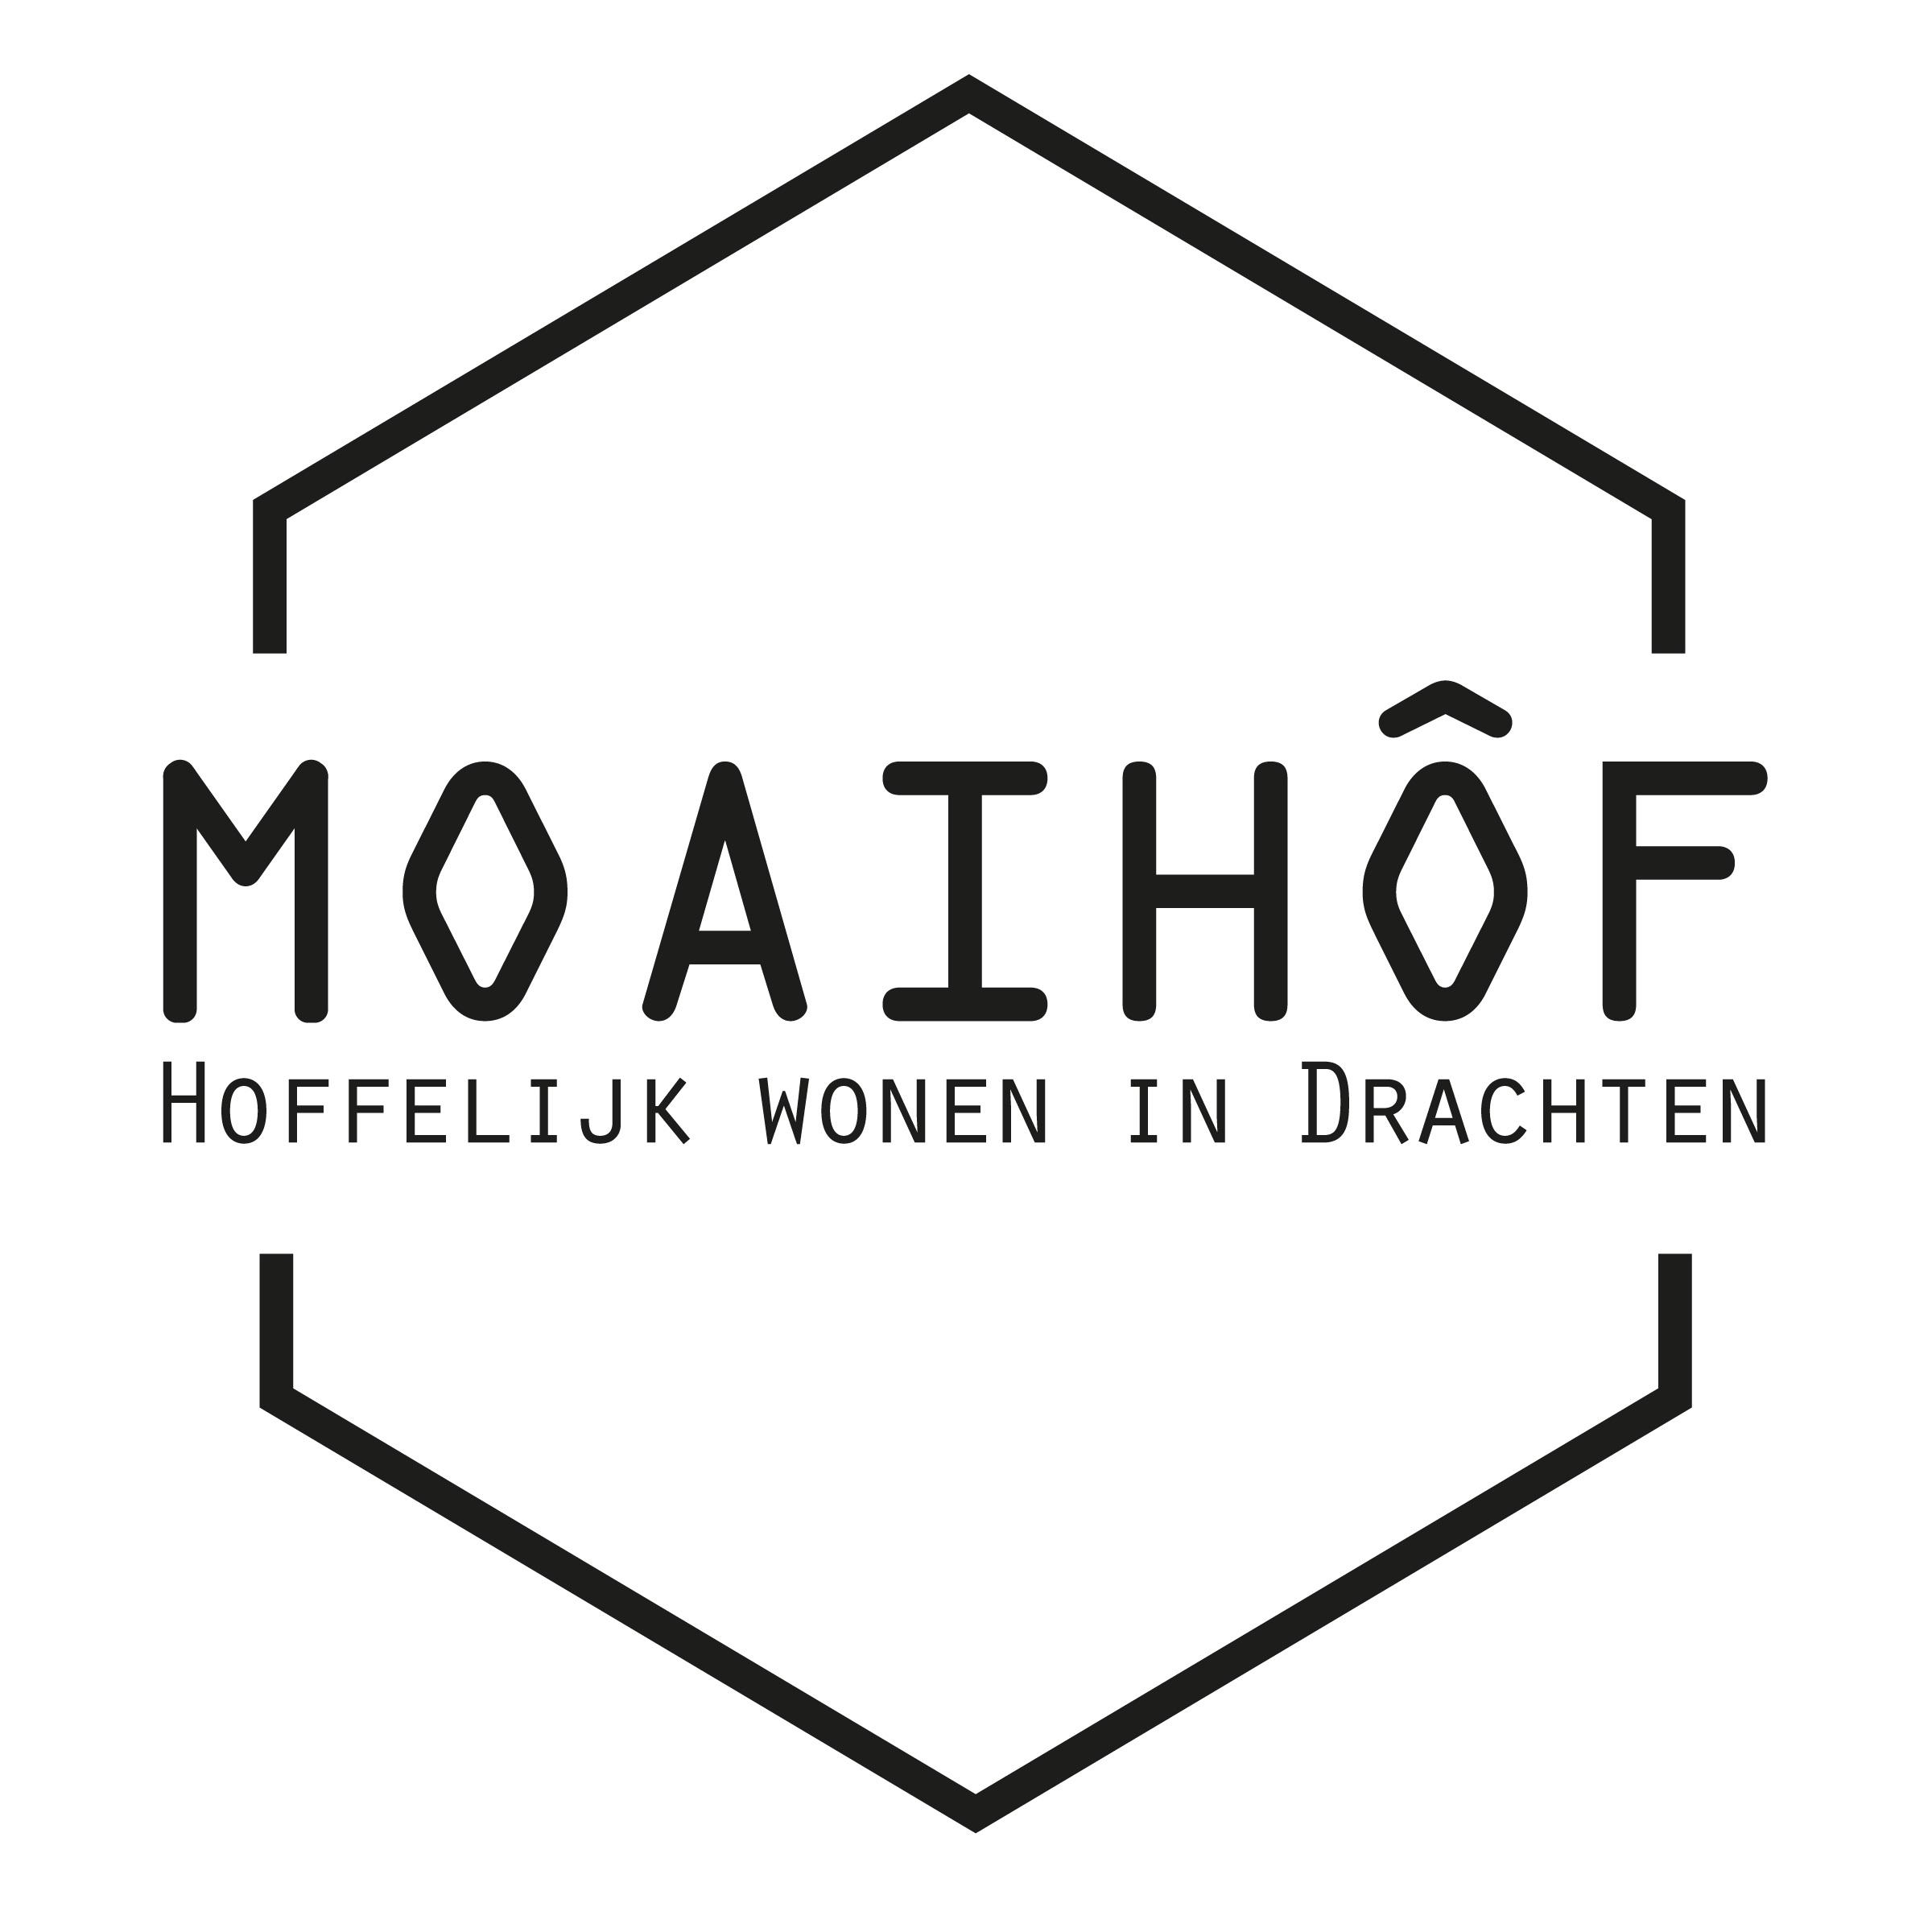 Moaihôf Drachten